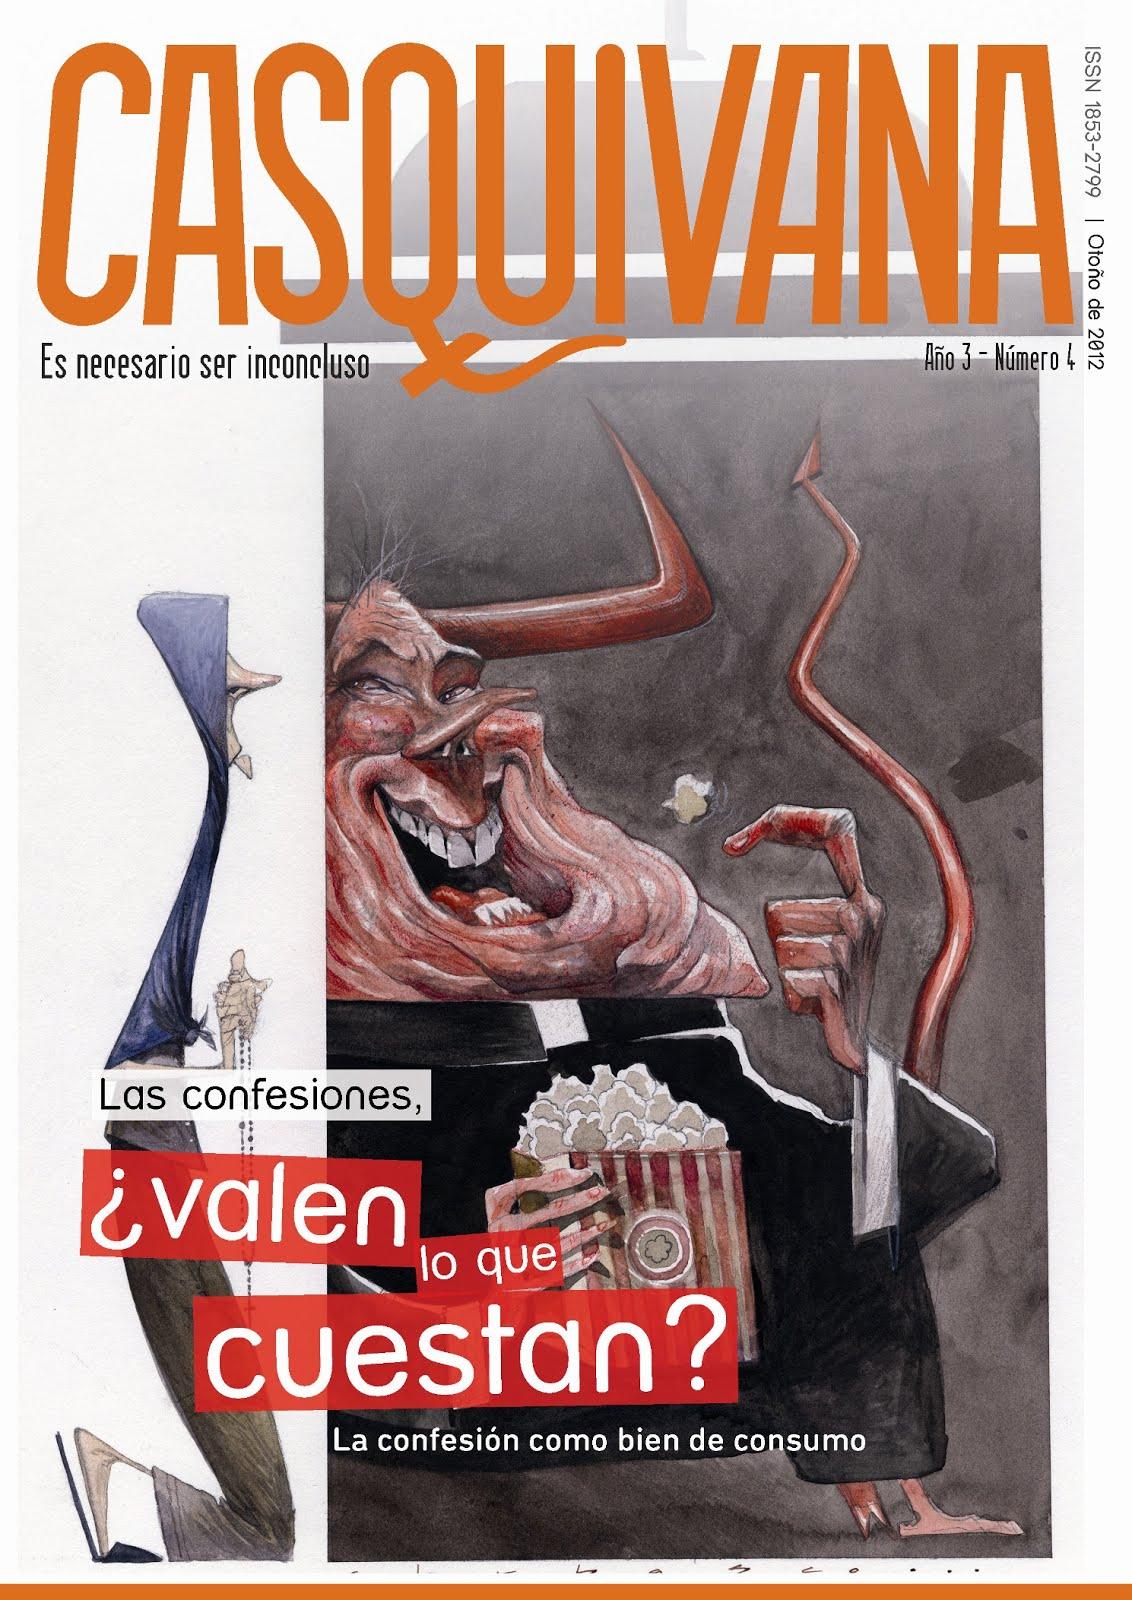 Casquivana 4